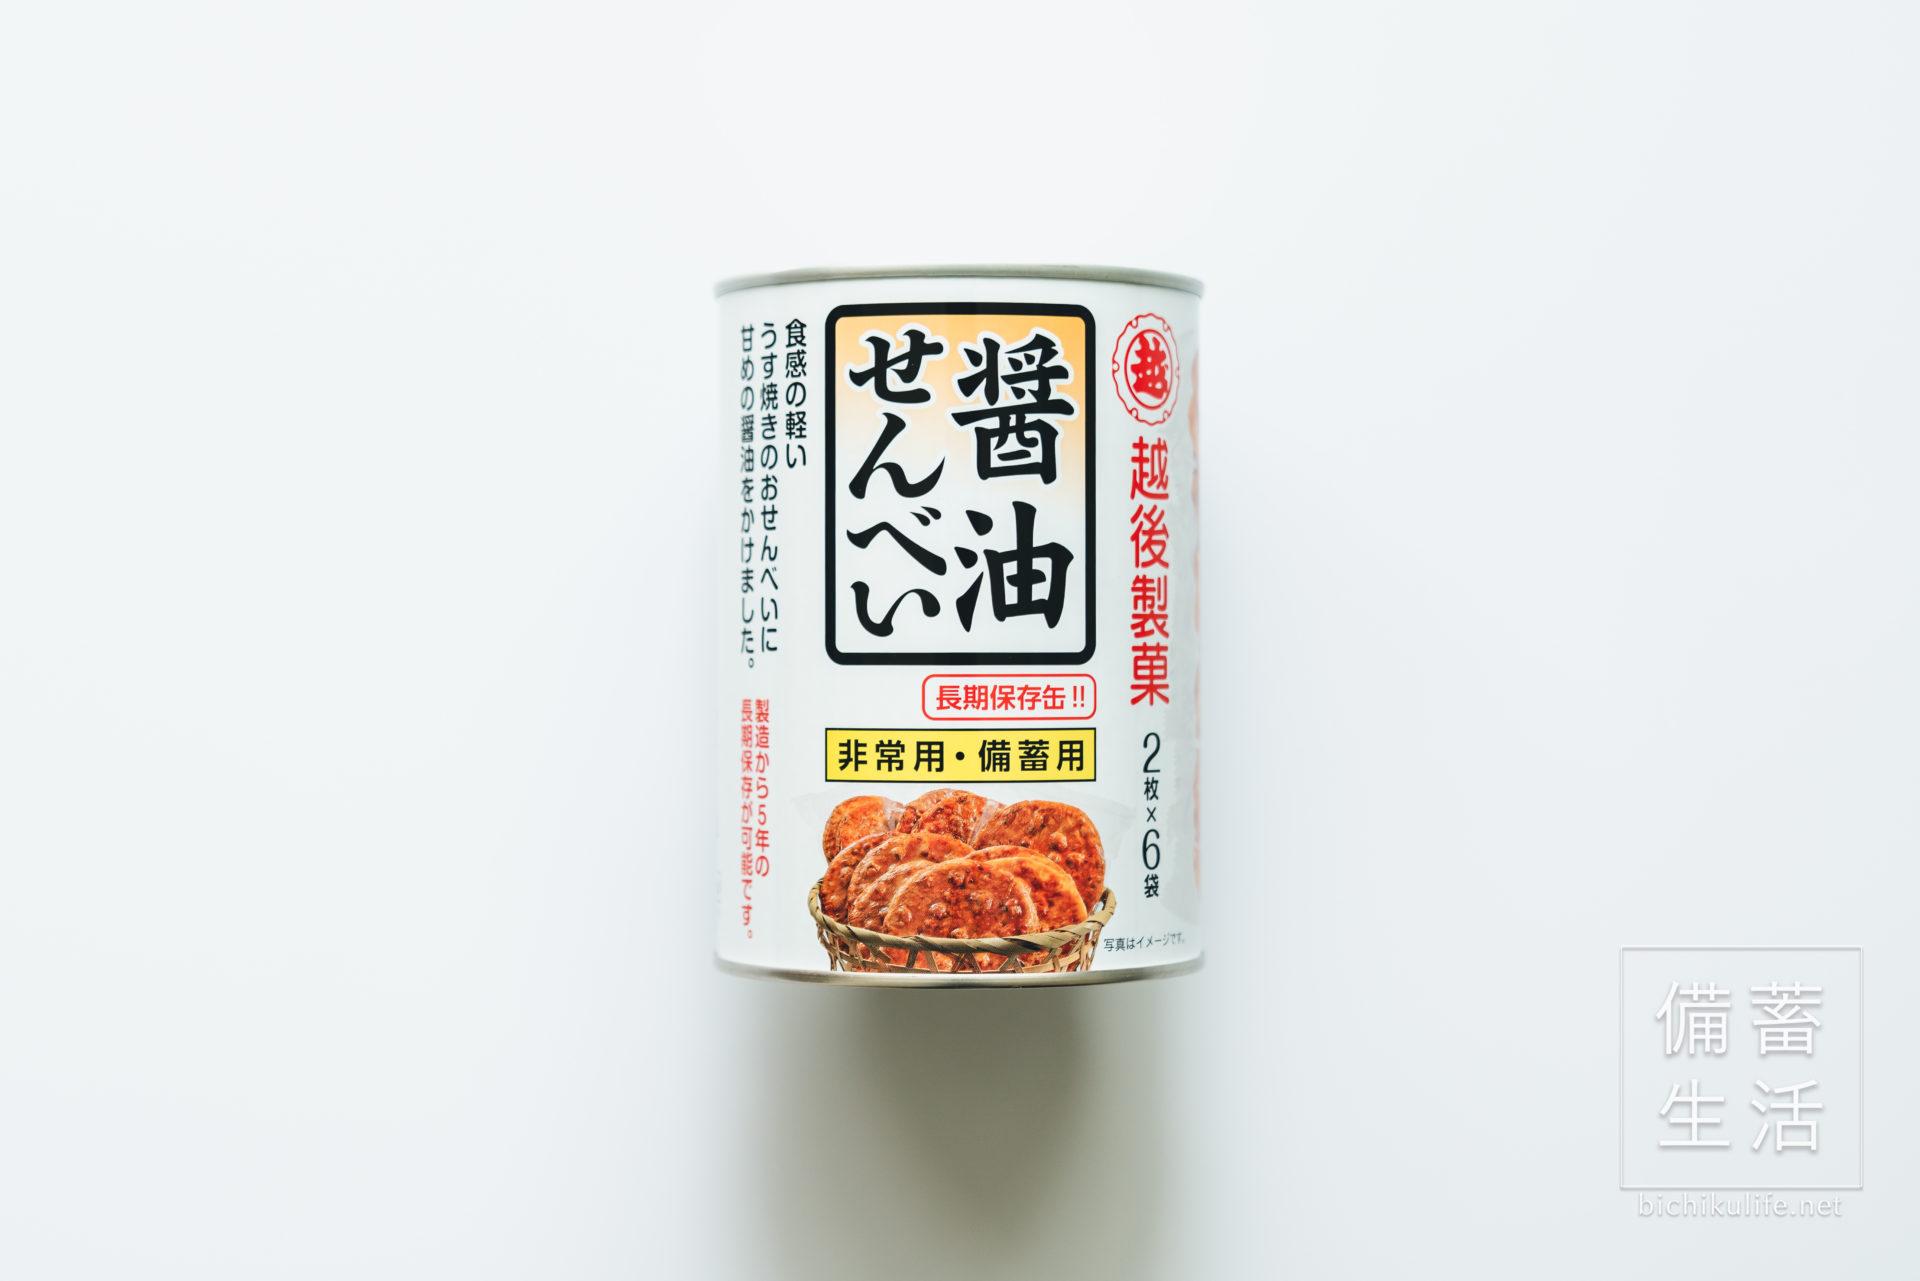 越後製菓 醤油せんべい(非常用・備蓄用)